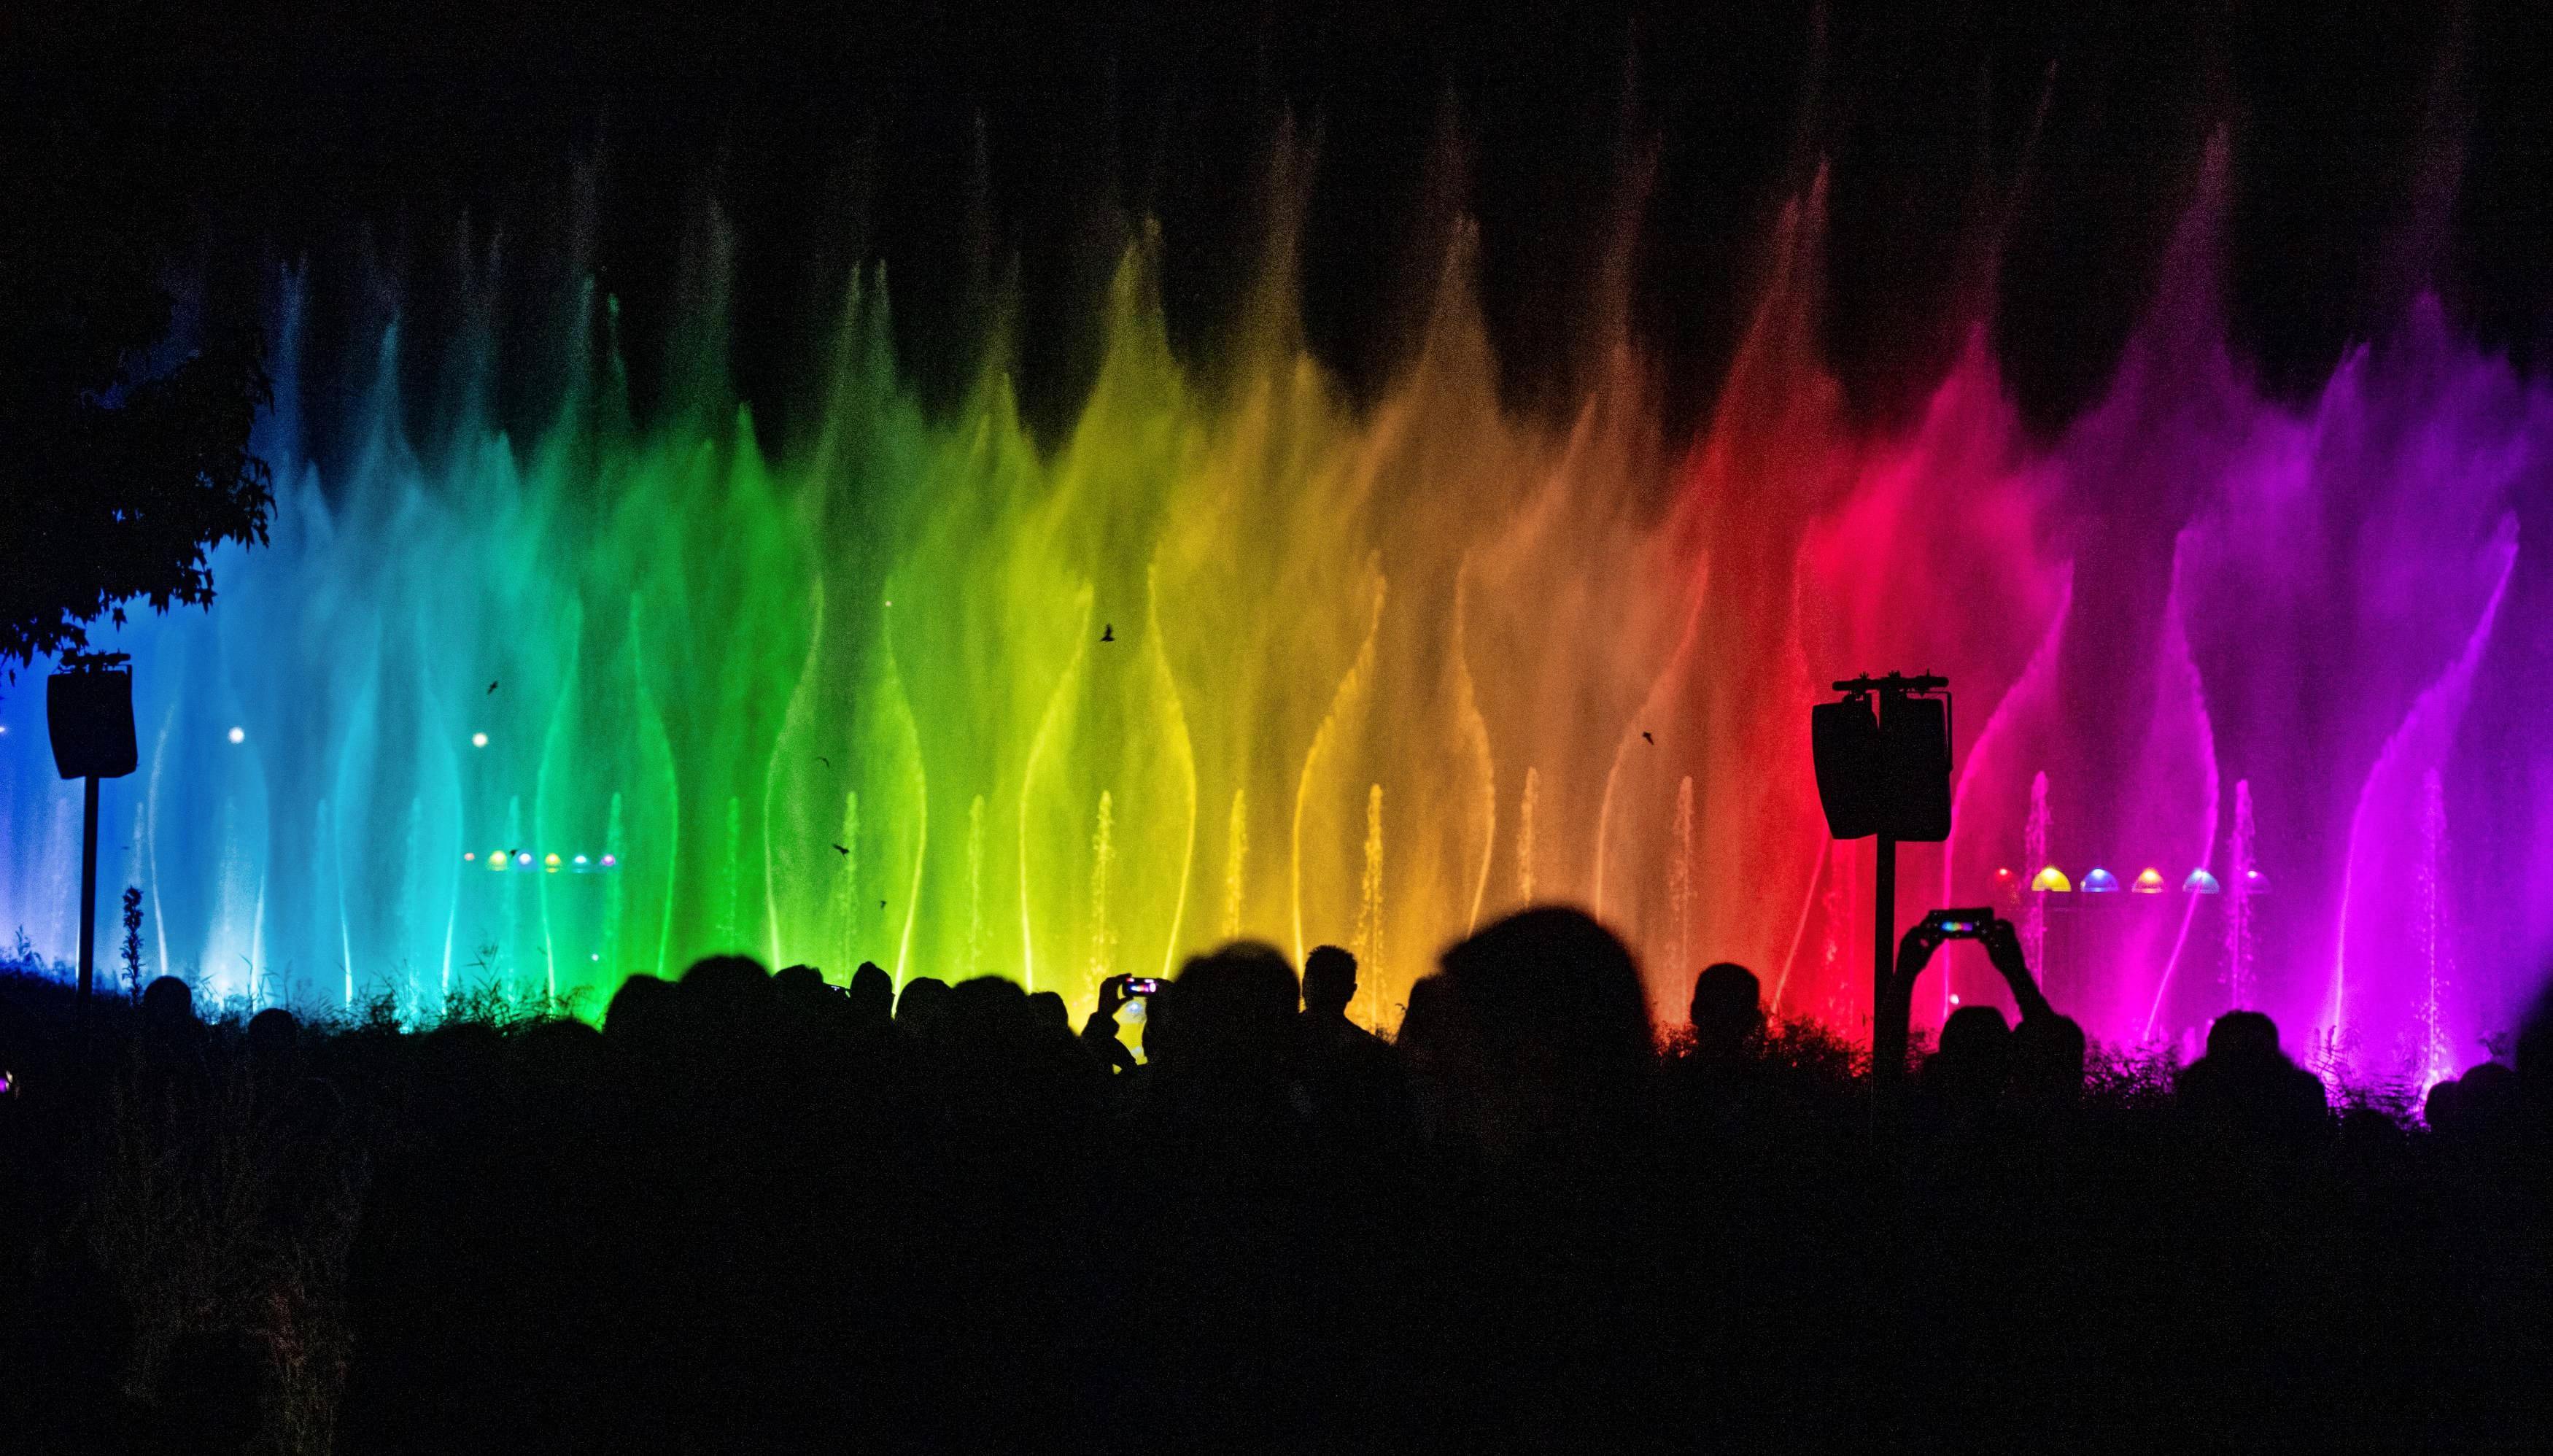 Die Wasserspiele sind das Highlight der Buga und haben Tausende Zuschauer an den Karlssee geholt. Bei der langen Nacht der Wassershows am 14. September wird eine Buga erstmals wegen Überfüllung geschlossen.